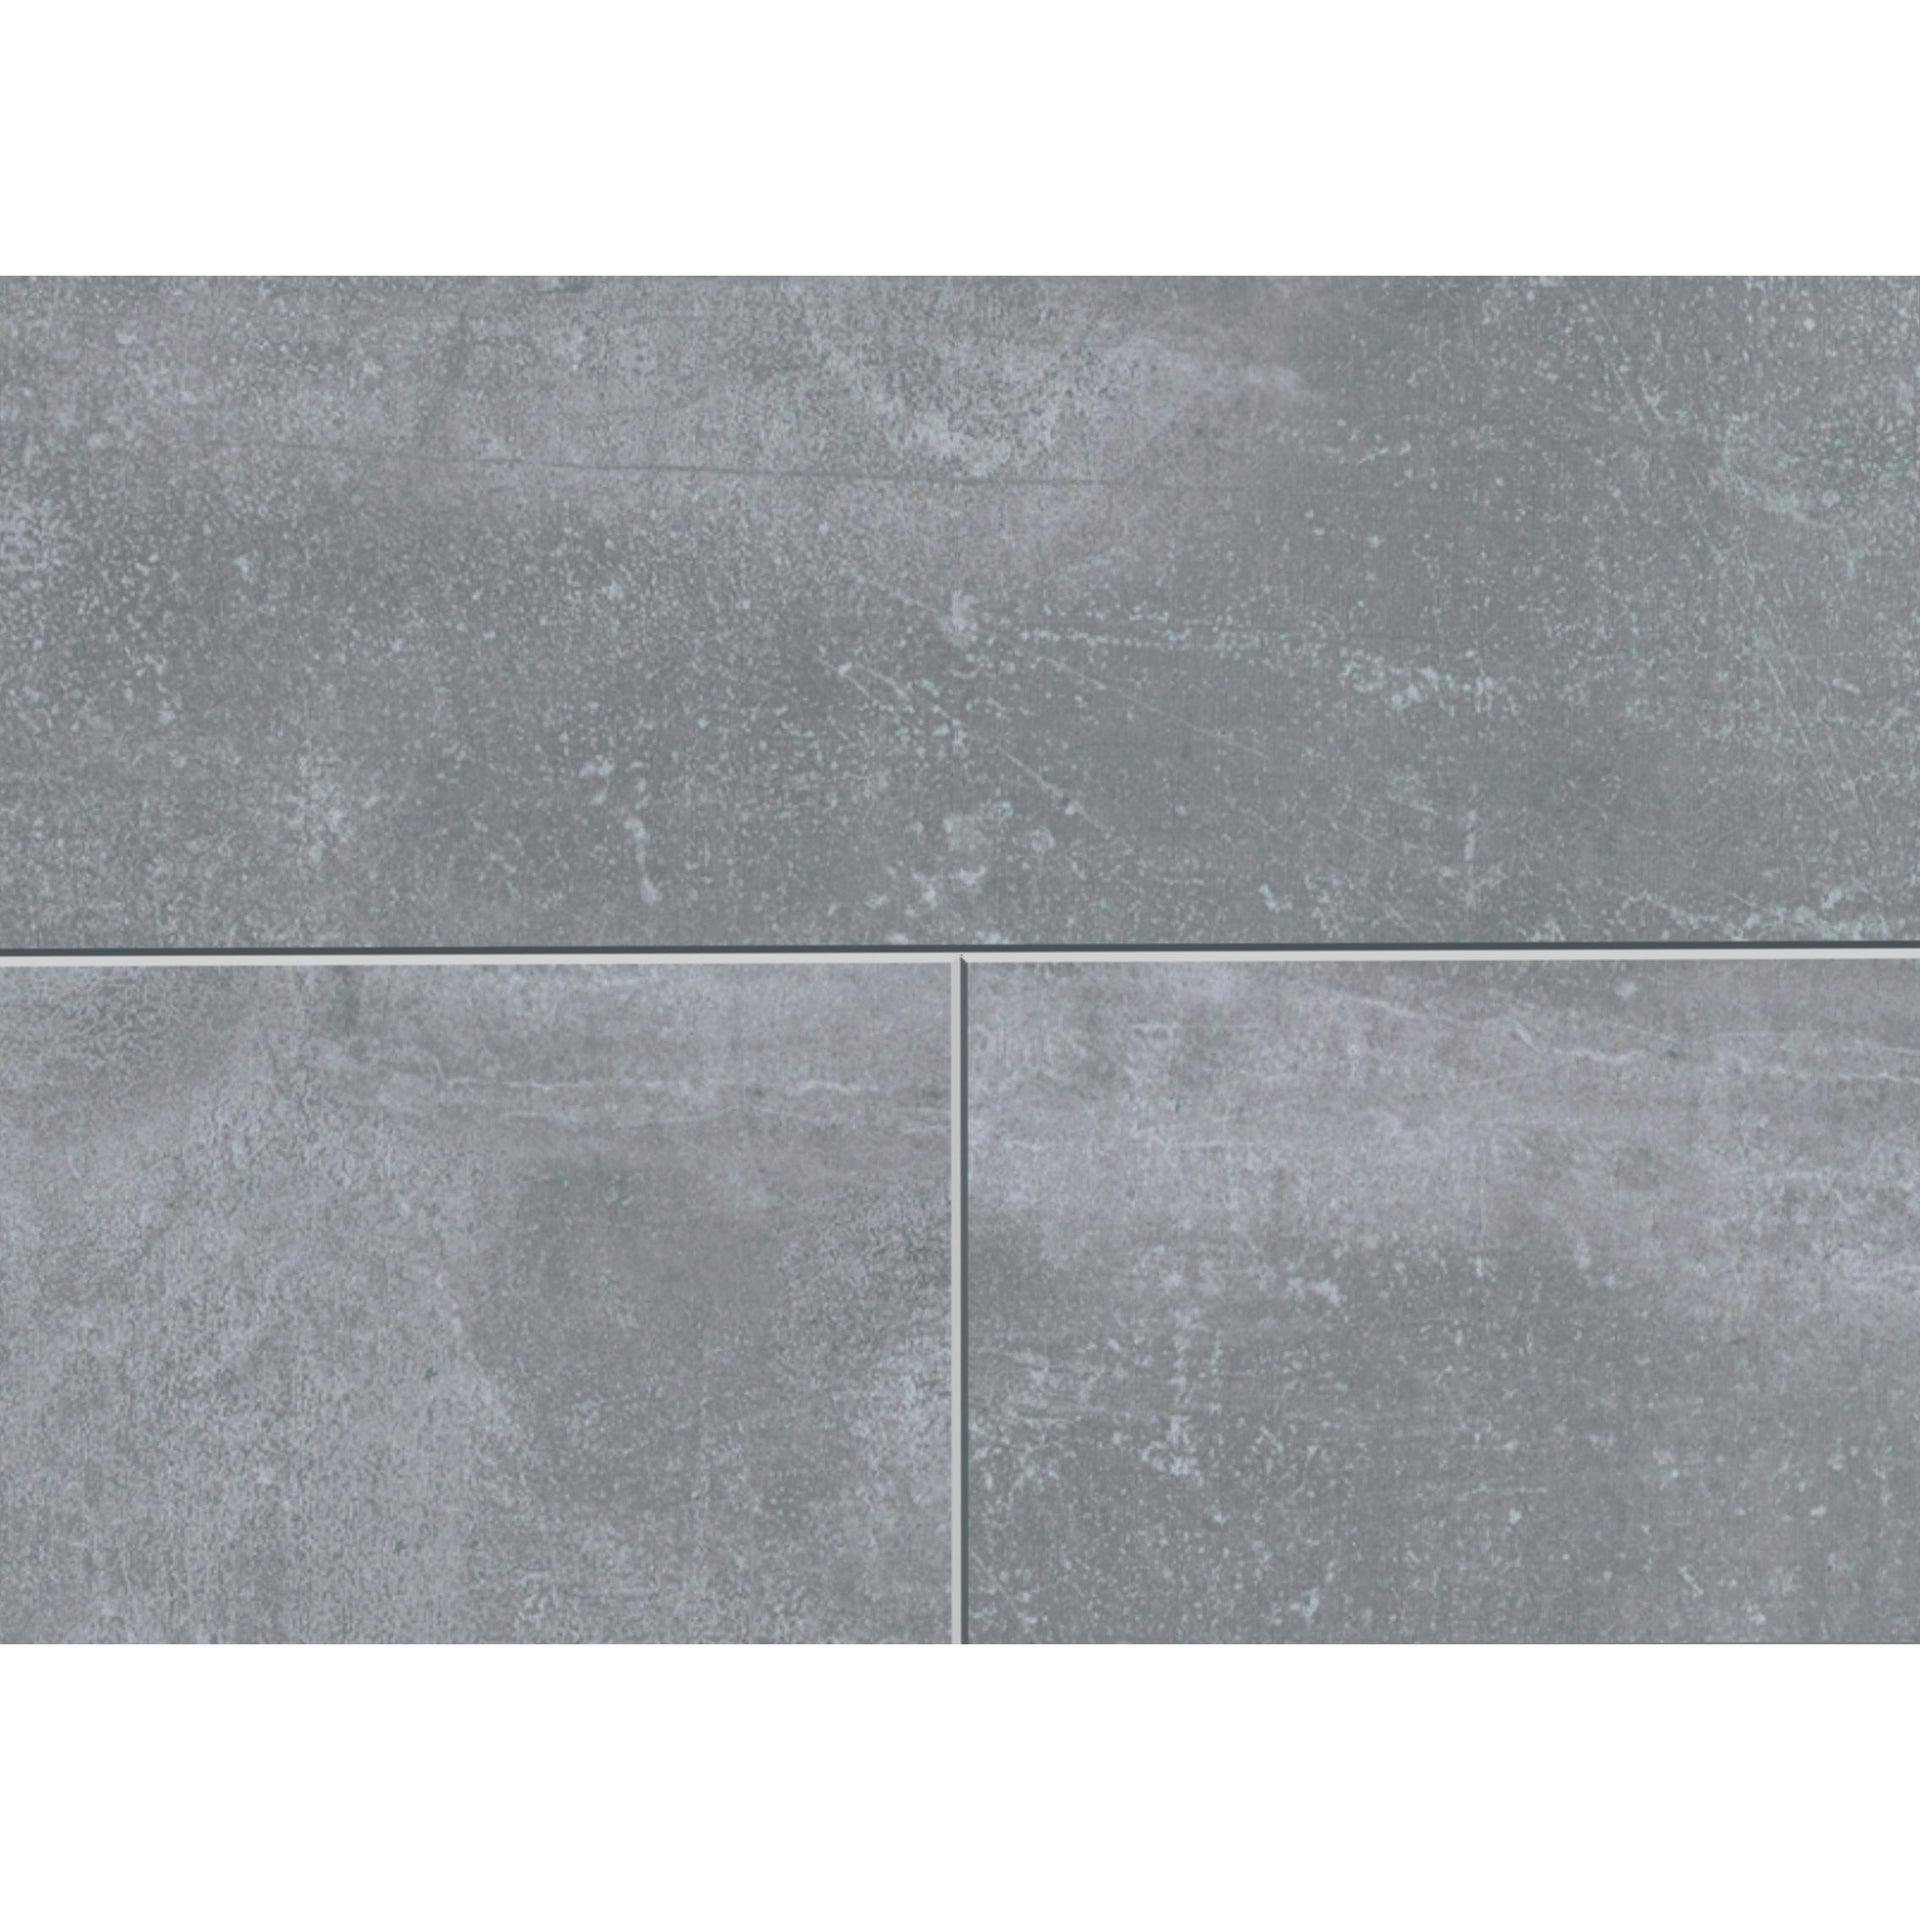 Pavimento SPC flottante clic+ Pietra Nova Industrial Sp 4.5 mm grigio / argento - 6